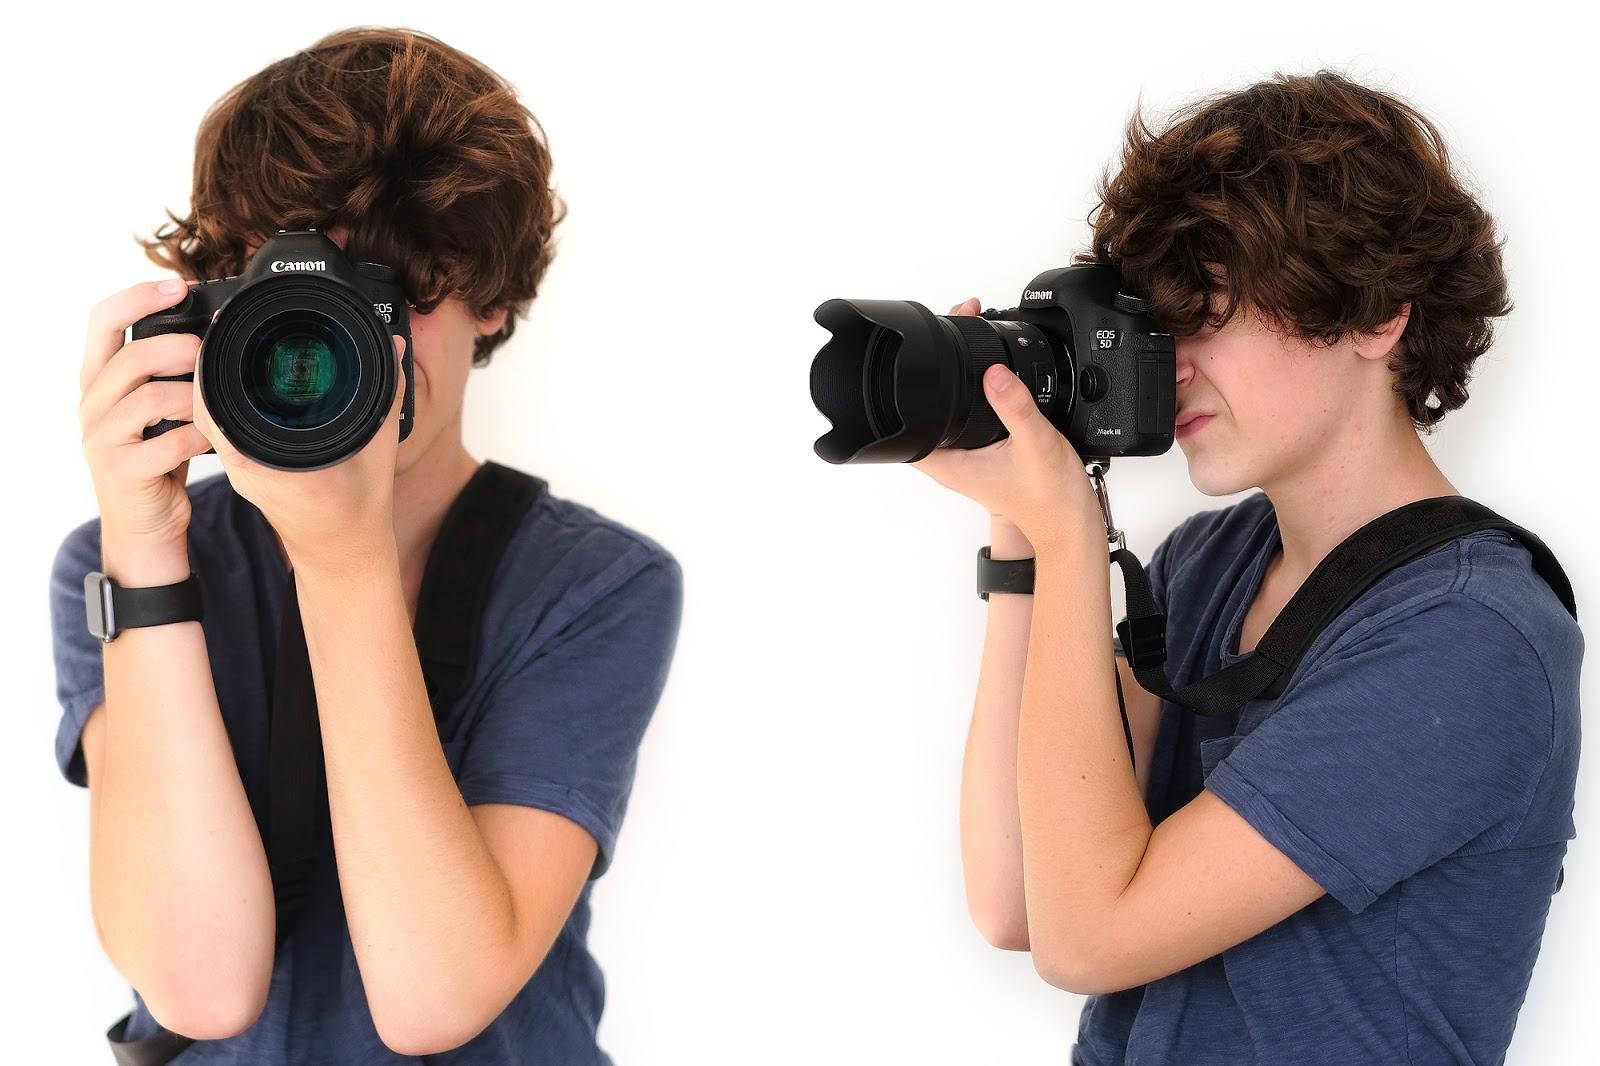 goede houding tijdens het vasthouden van een camera en lens tijdens het fotograferen